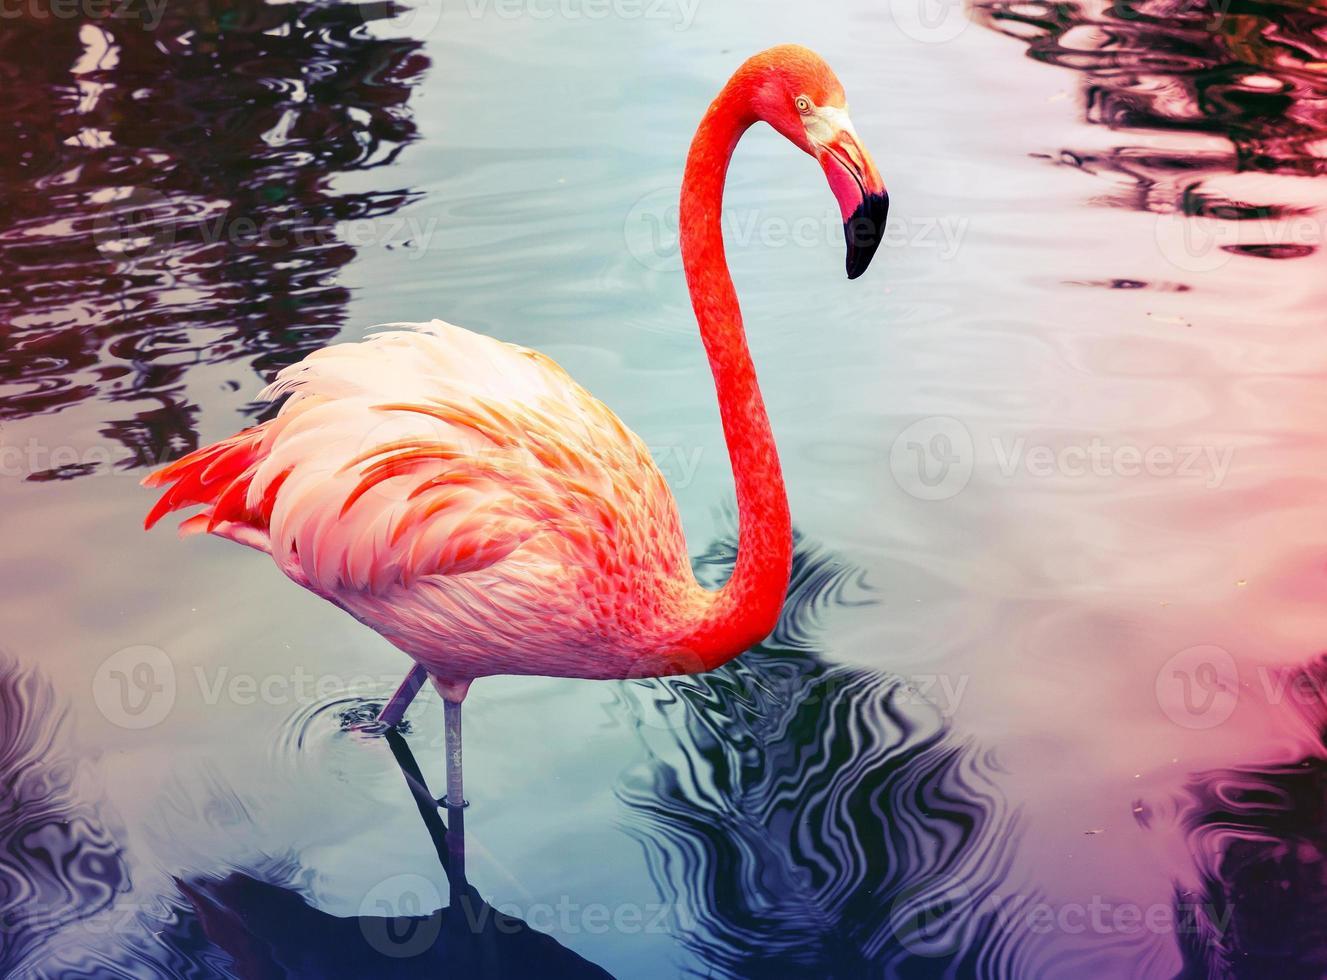 rosa Flamingo geht im Wasser mit Reflexionen foto